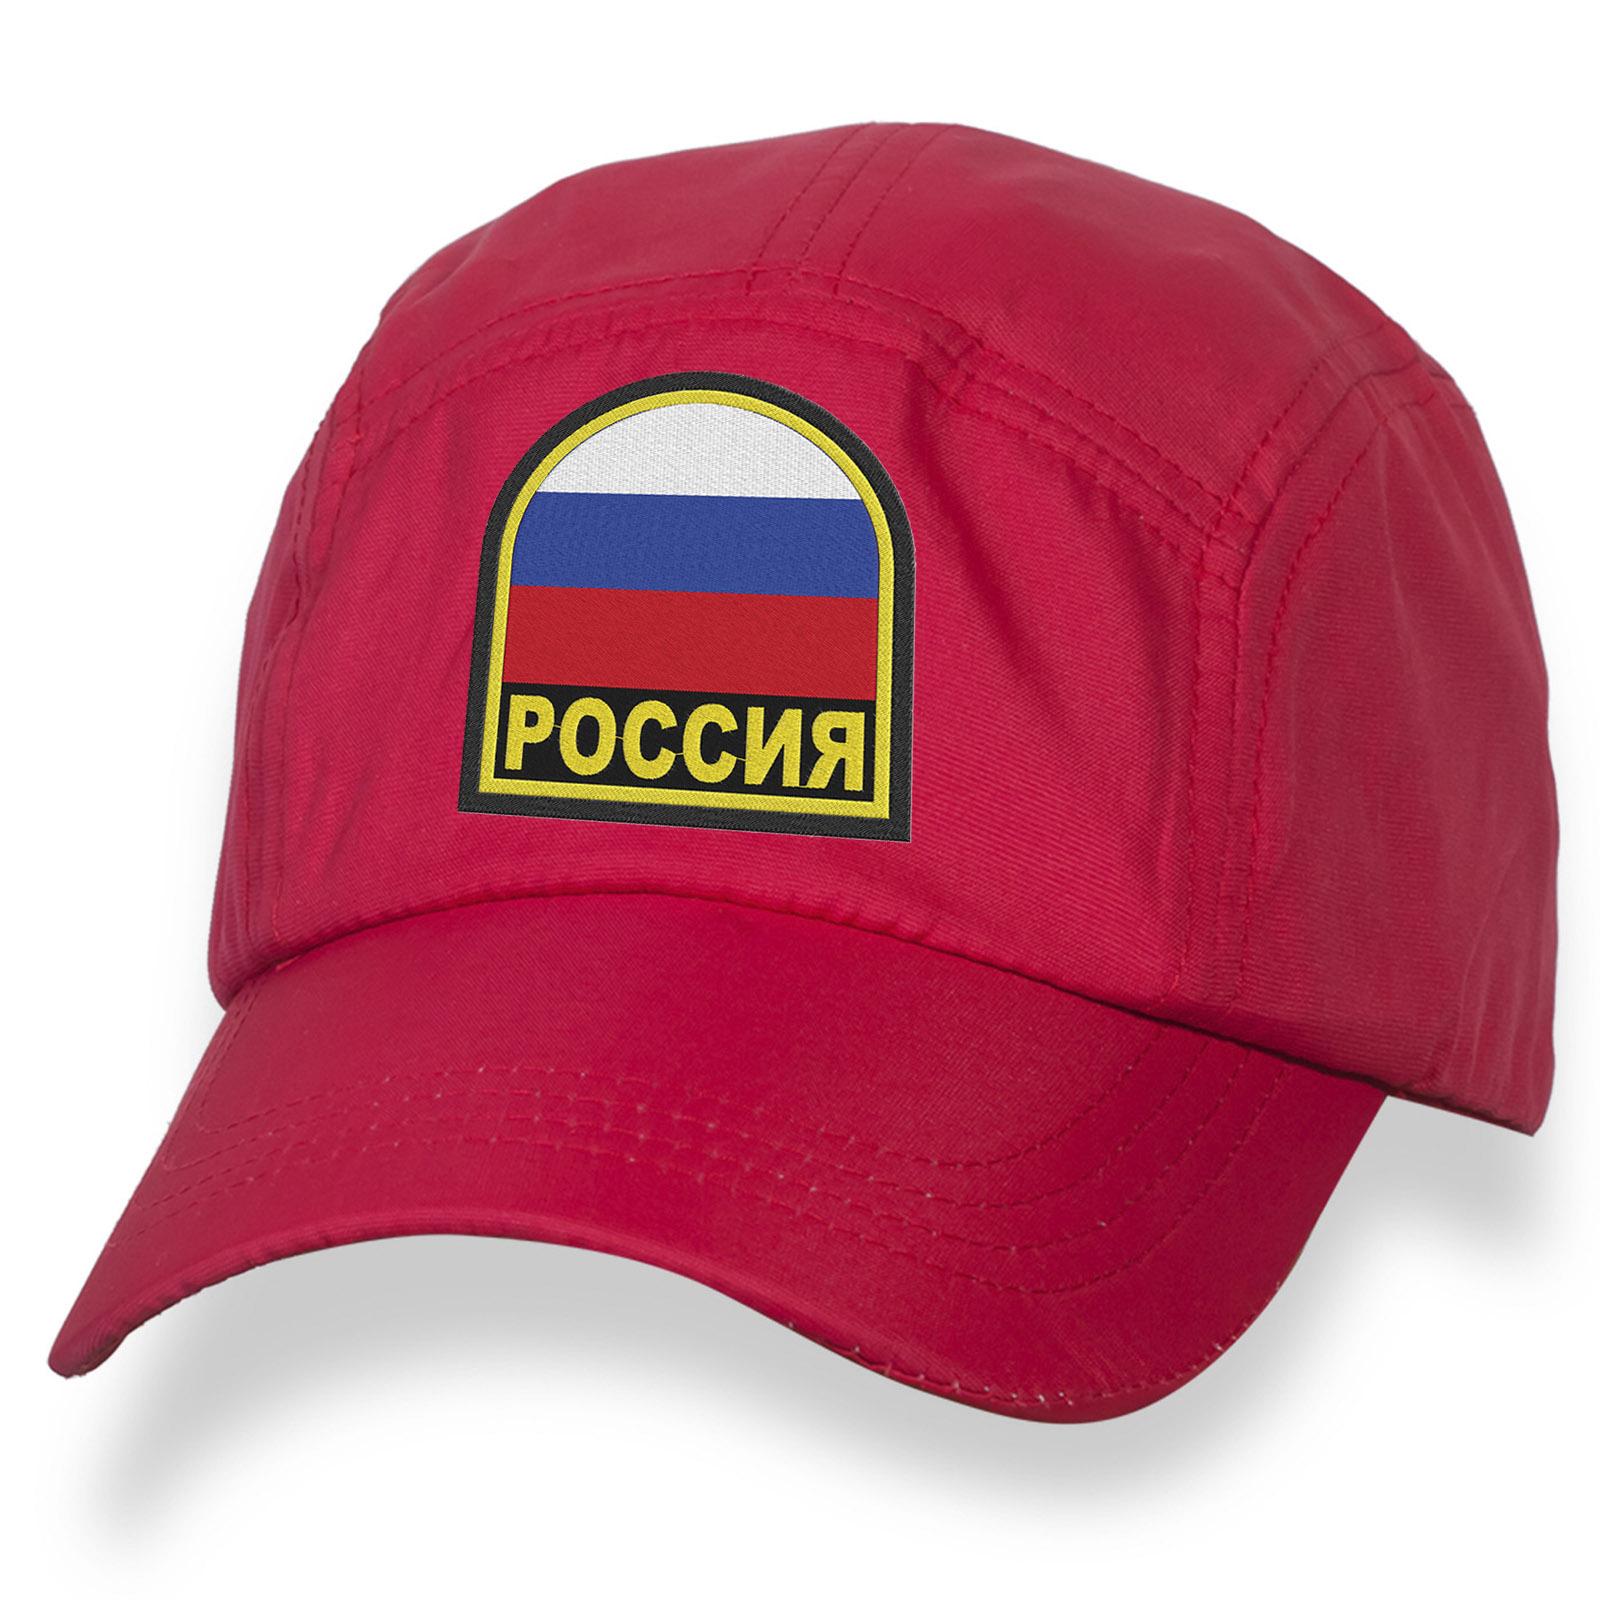 Заметная бейсболка с вышитым флагом России.